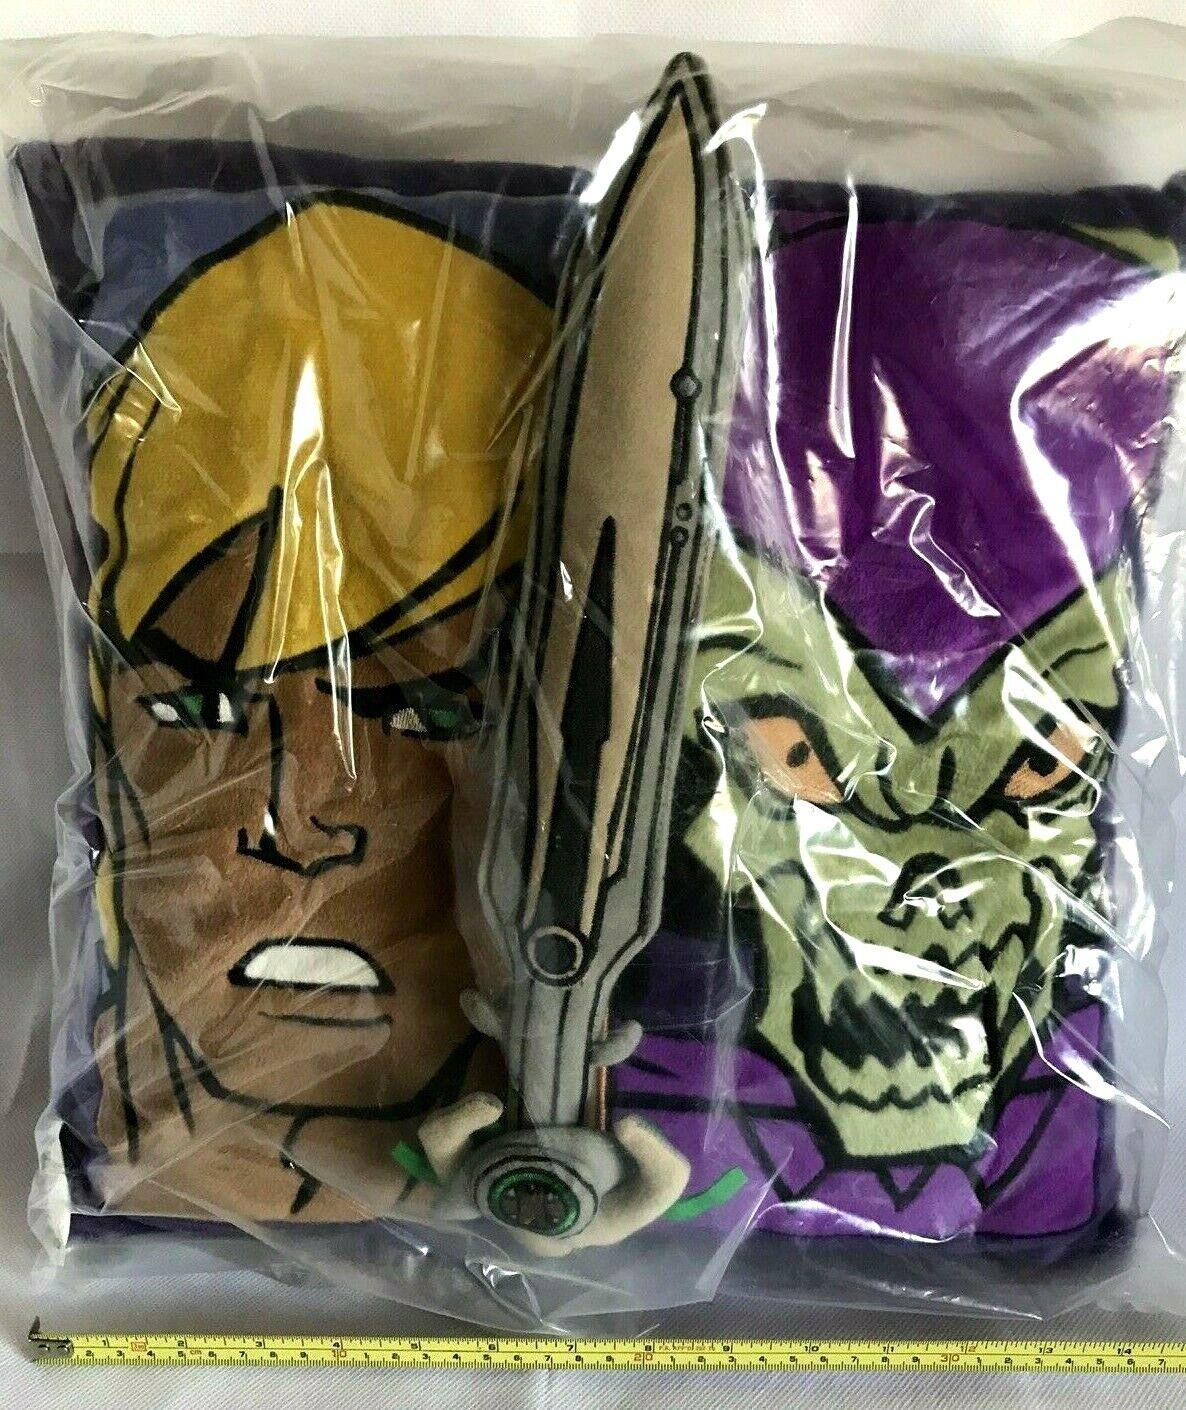 Masters Of The Universe Sealed PilFaible  Detachable Sword Set He Man Skeletor 2002  le plus en vogue